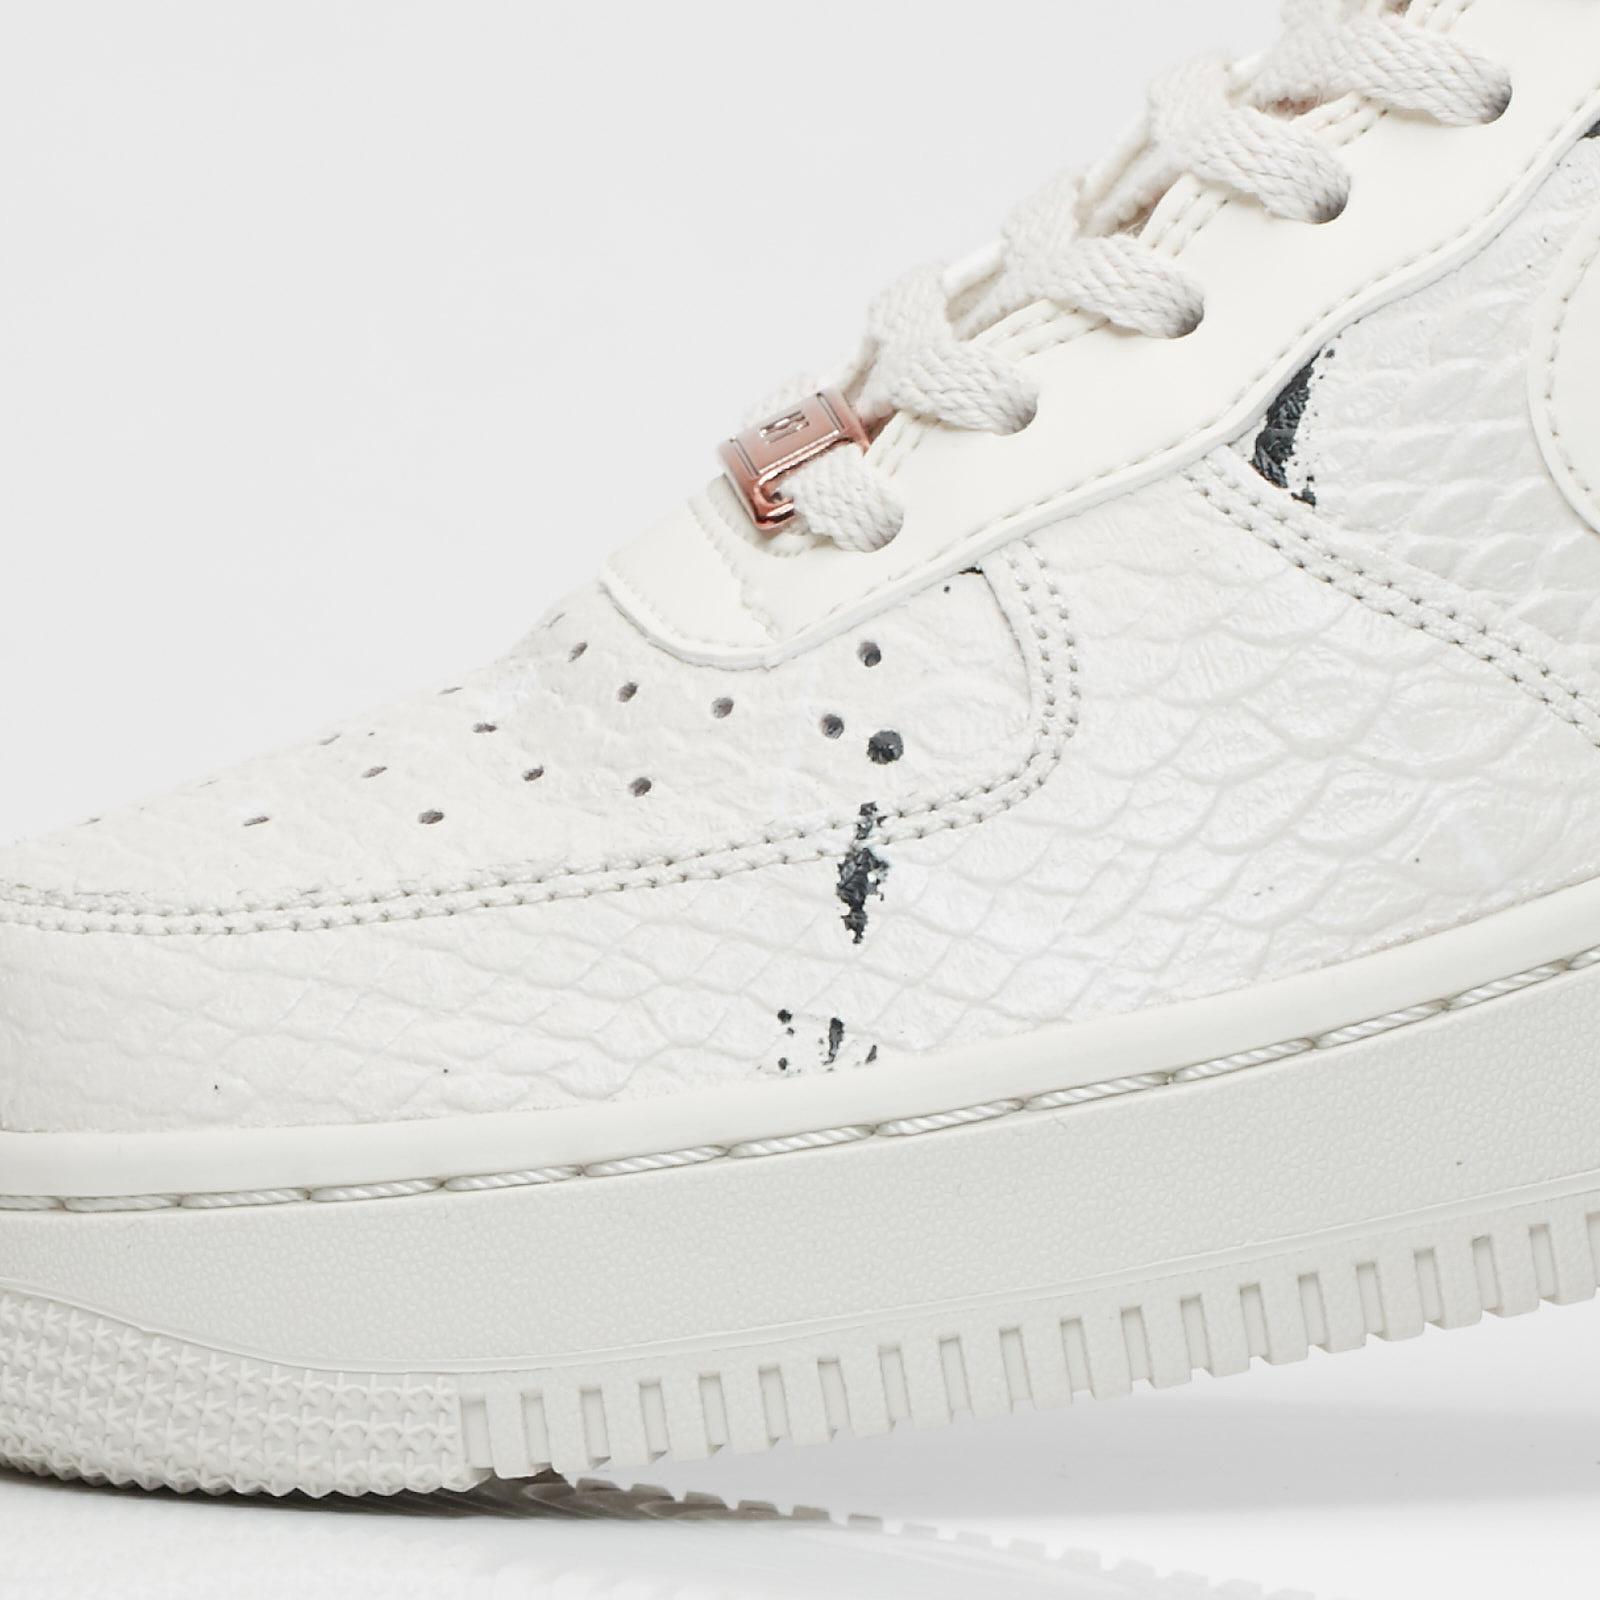 f8aa02fc7b6e Nike Wmns Air Force 1 07 LX - 898889-007 - Sneakersnstuff